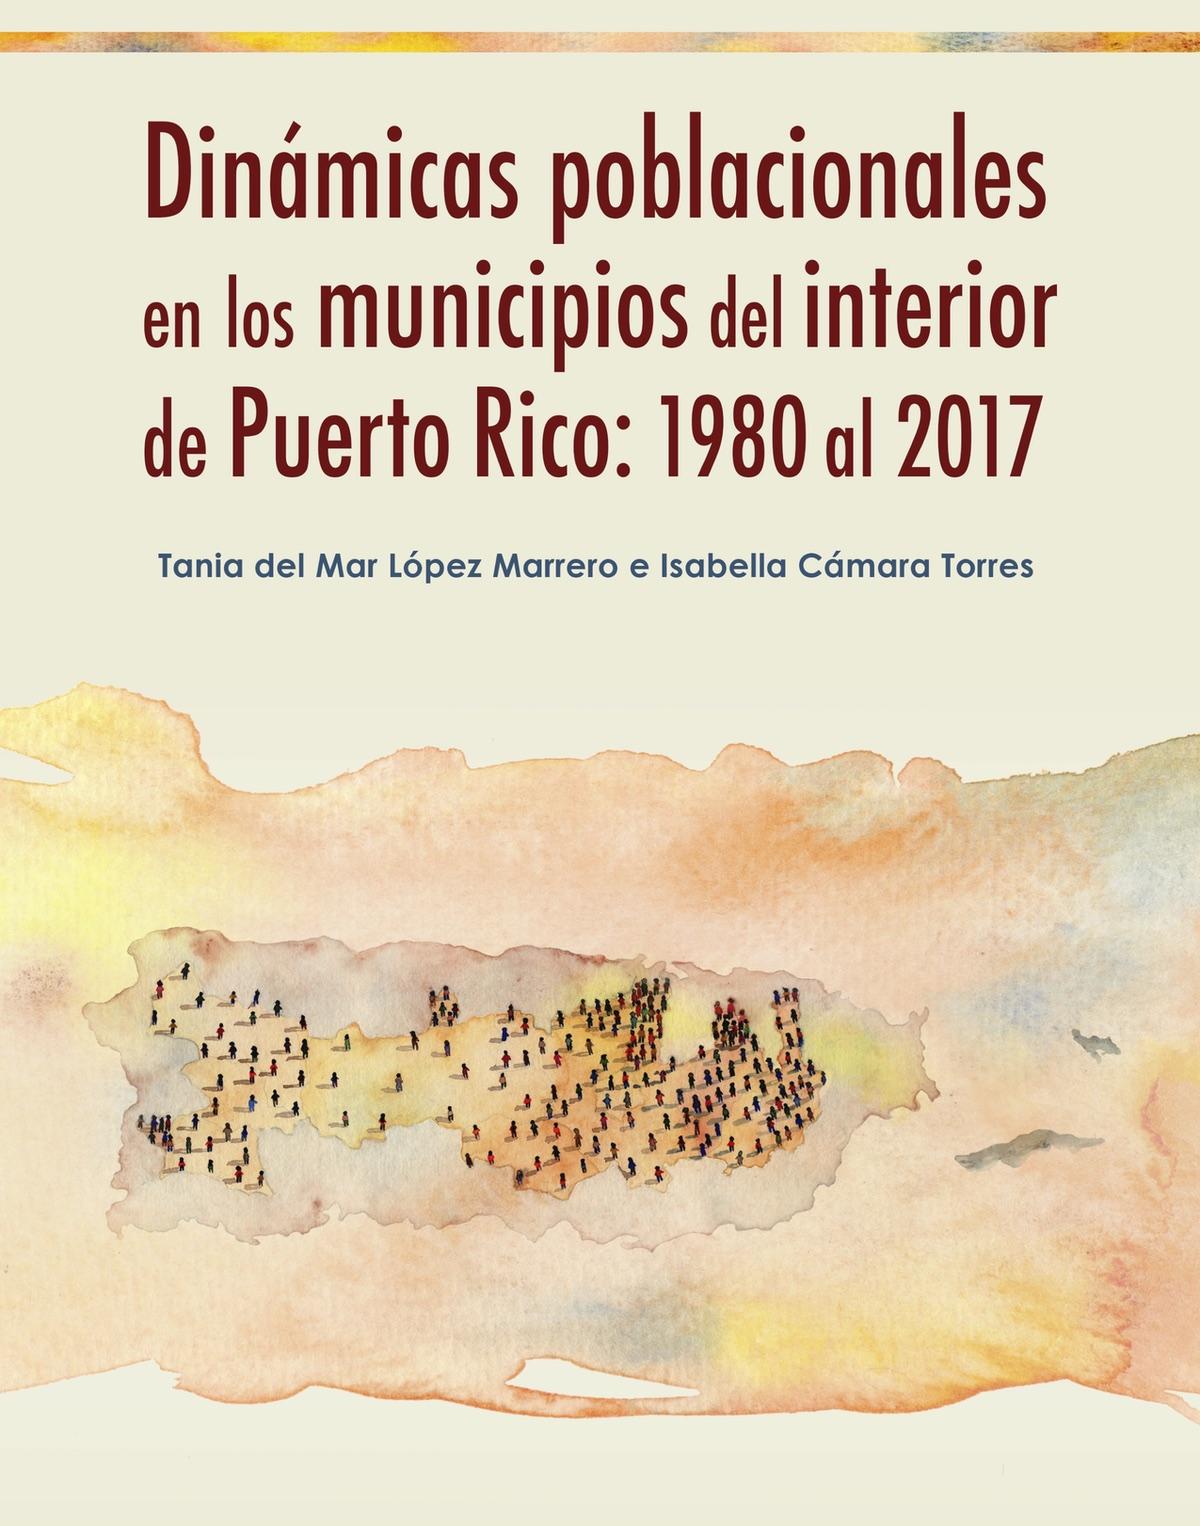 Dinámicas poblacionales en los municipios del interior de Puerto Rico: 1980 al 2017